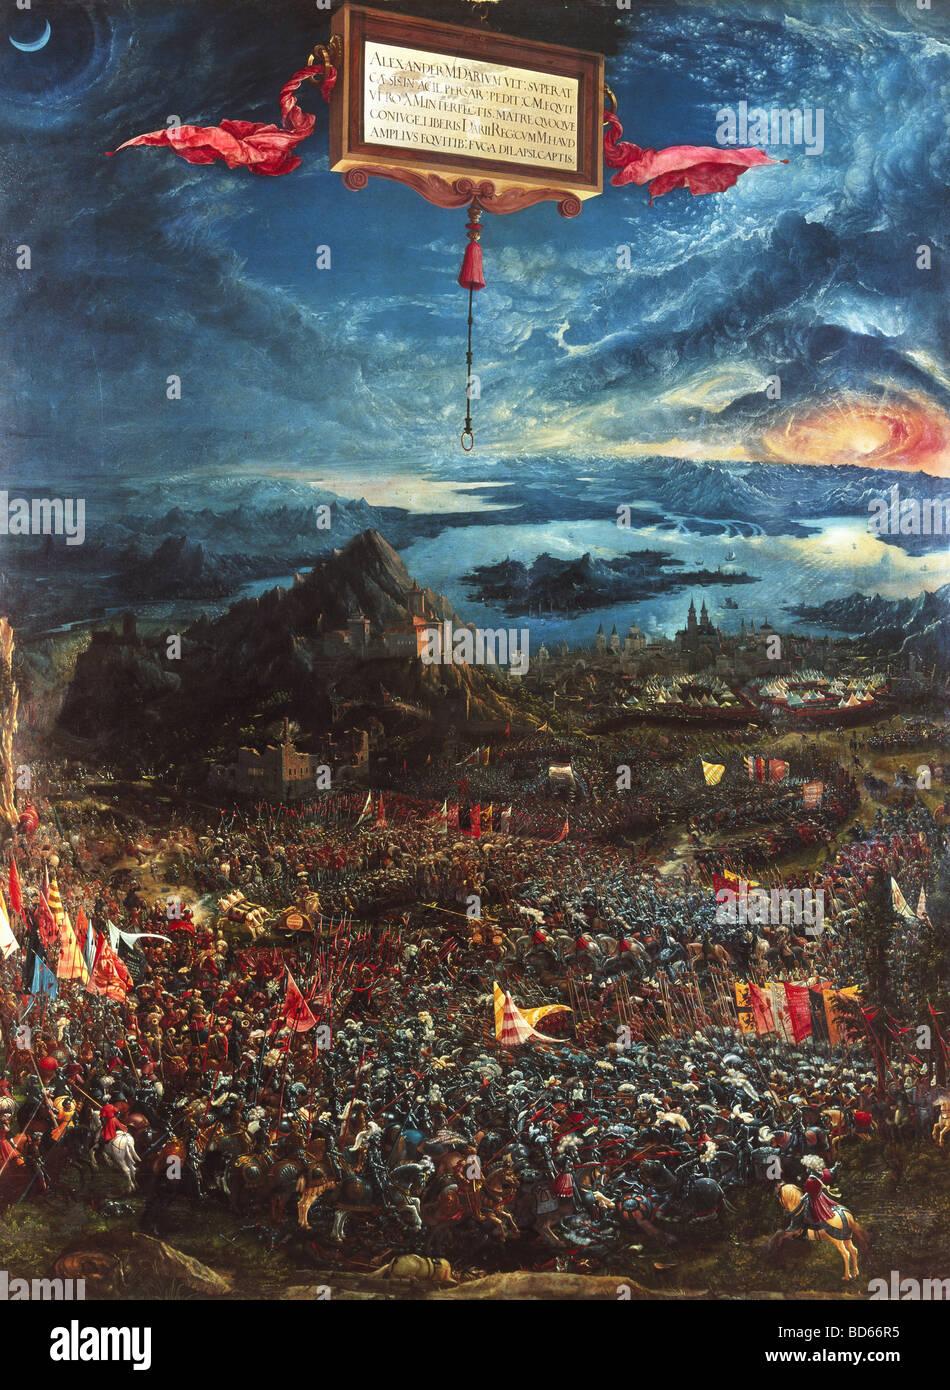 Belle arti, Altdorfer, Albrecht (1480 - 1538) dipinto 'Alexanderschlacht', (battaglia di Alessandro il Grande), Foto Stock